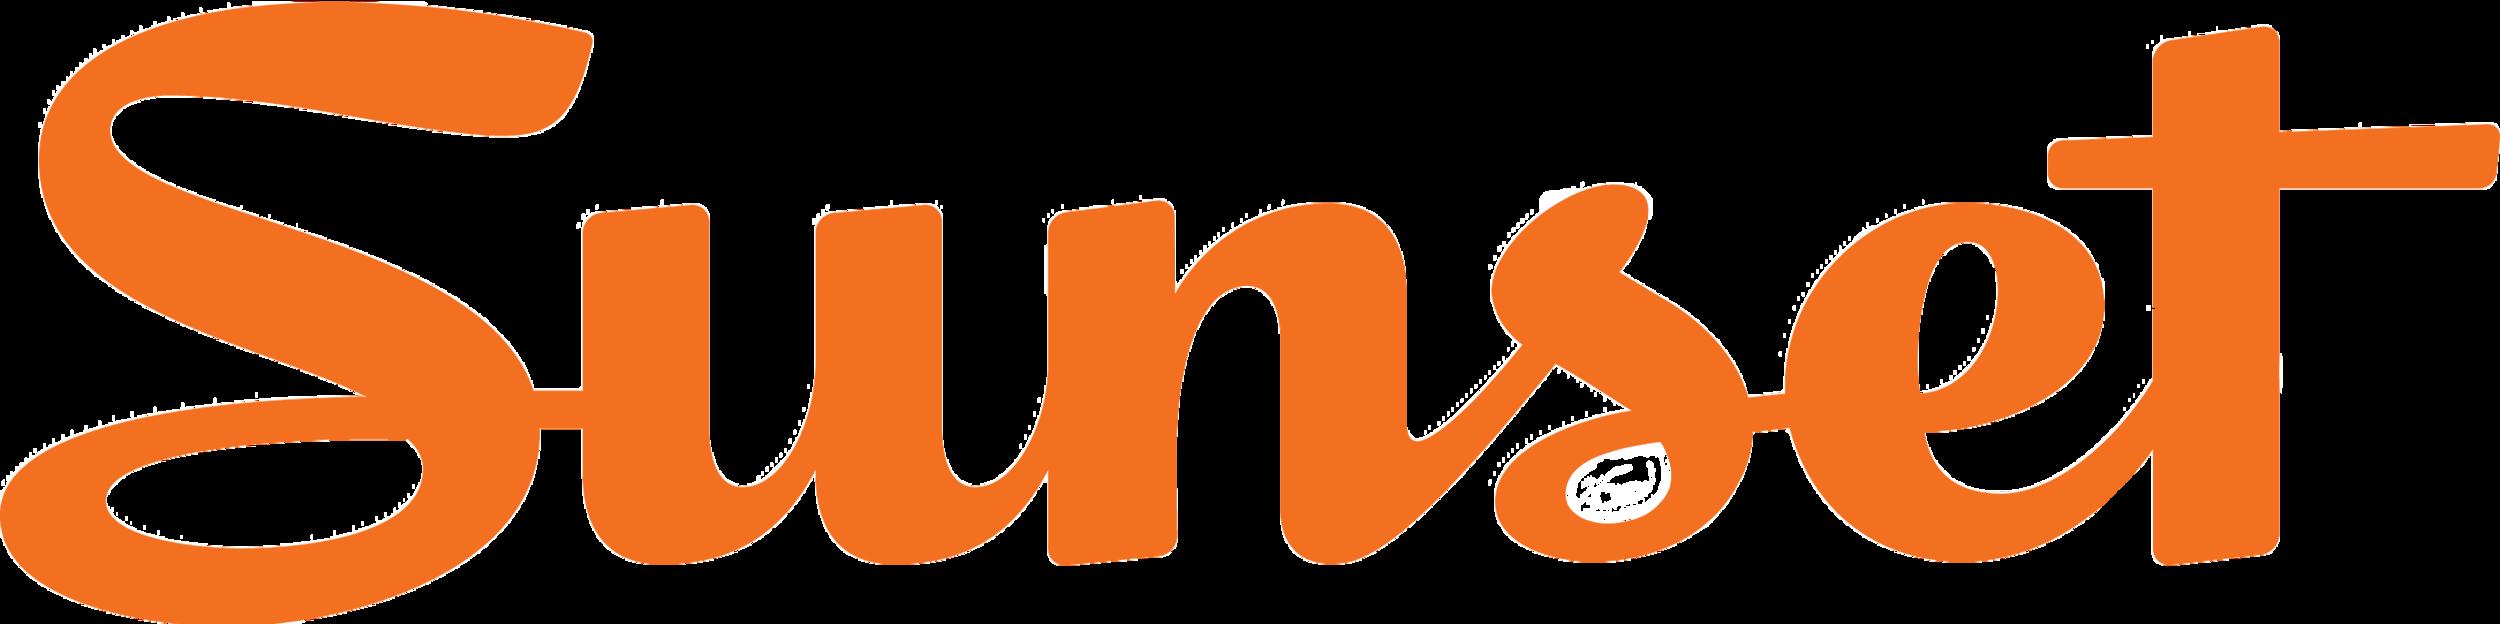 Sunset-Magazine-Logo-Transparent-Background